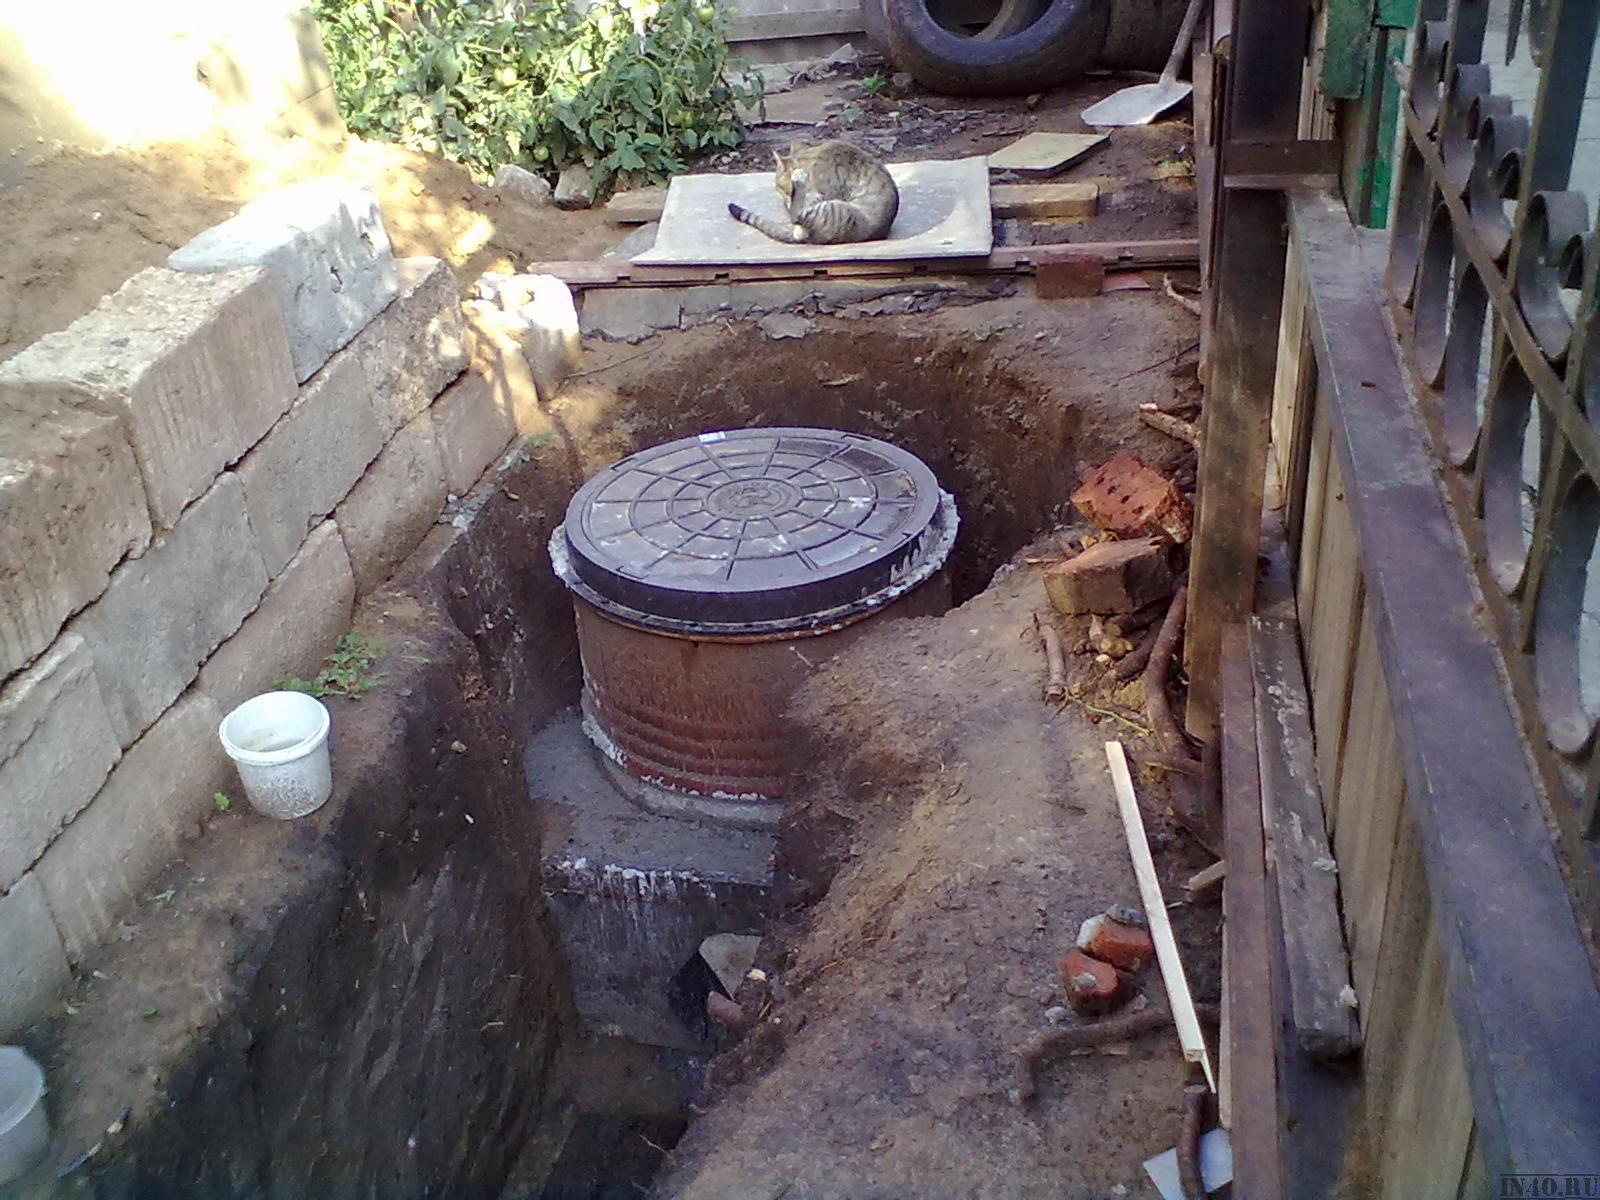 Как выкопать сливную яму: копка сливных ям, глубина, как правильно копать сливную яму, фото и видео примеры